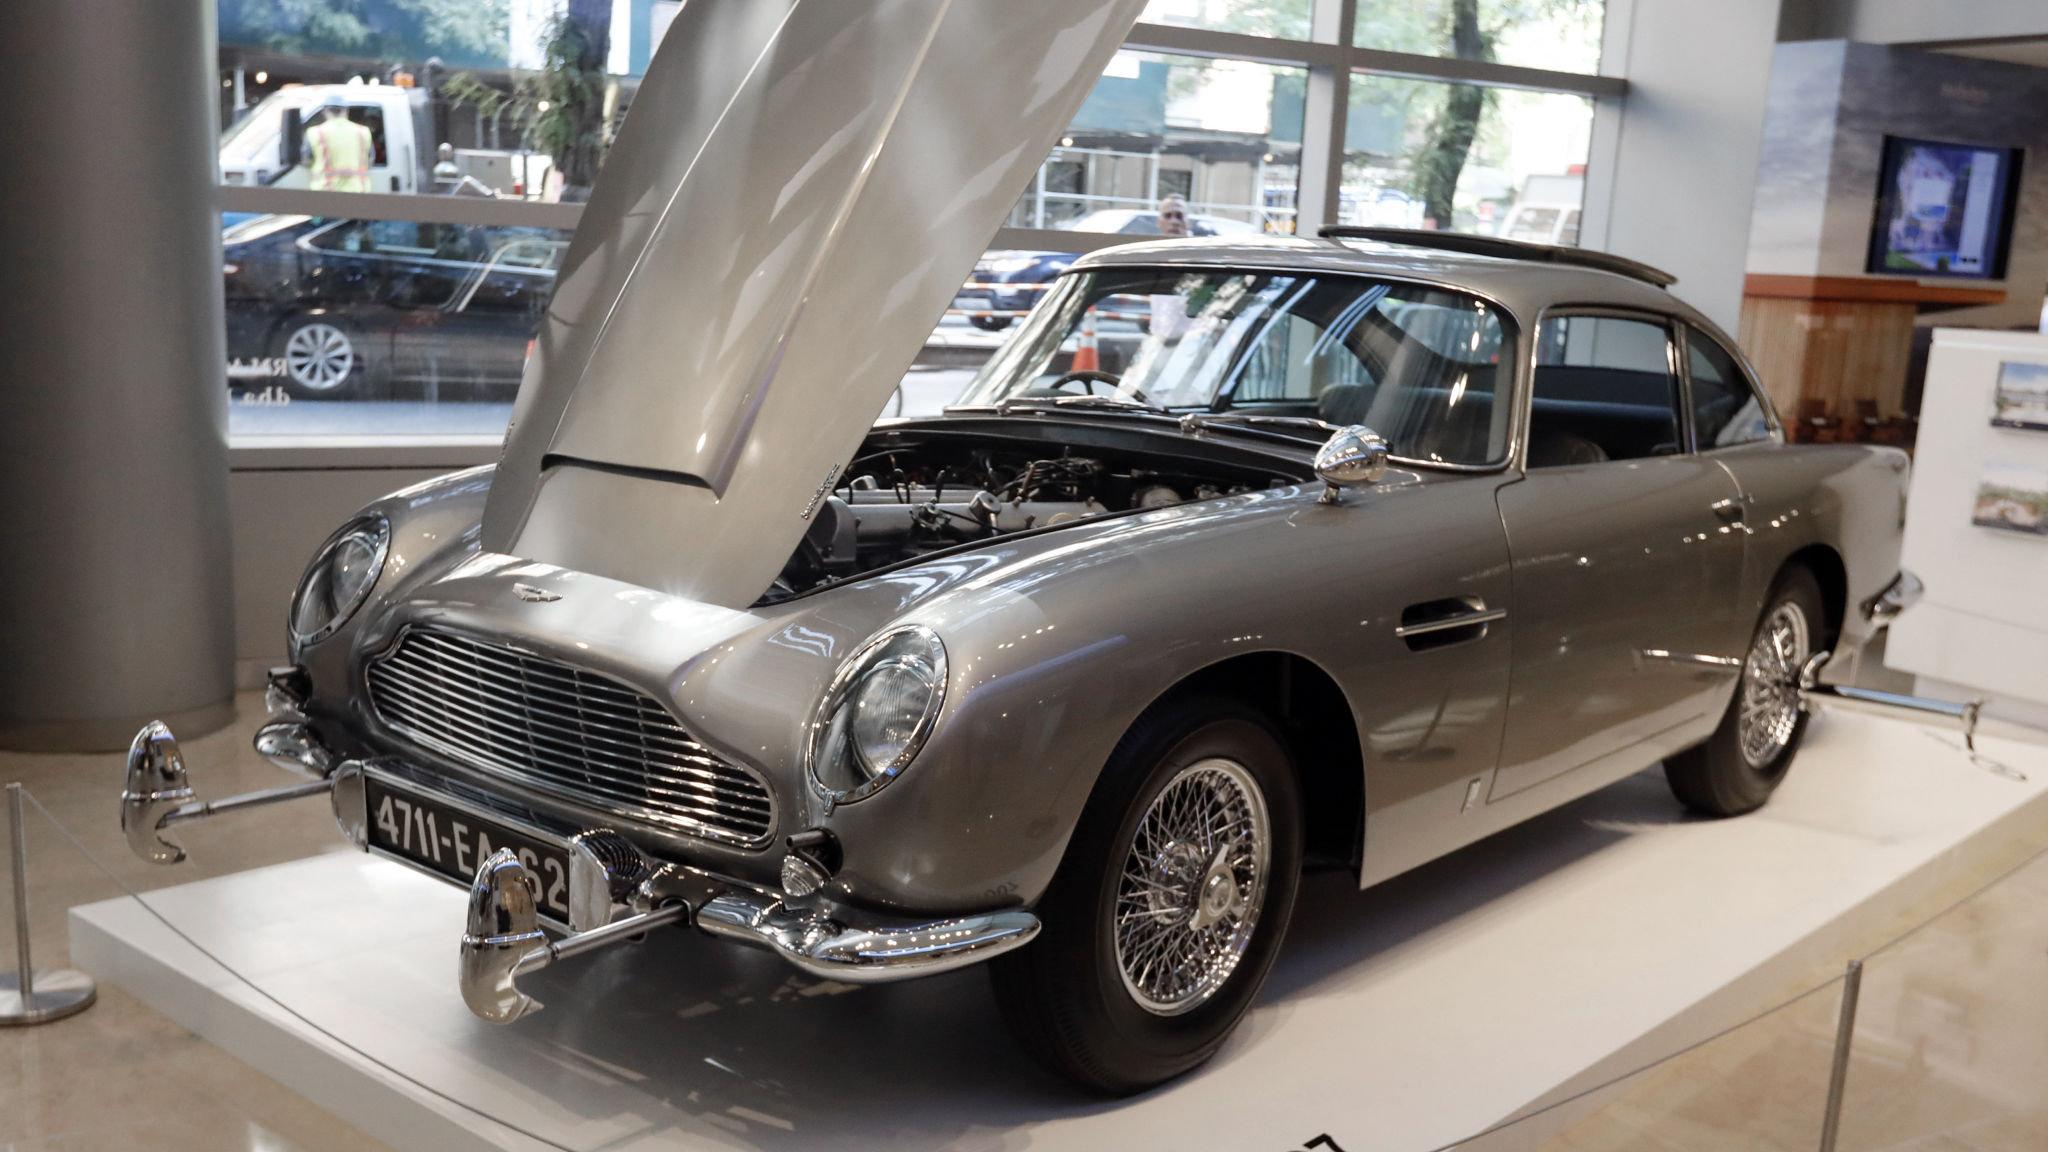 The Name S Bond Perilously Expensive Aston Martin Bond Financial Times